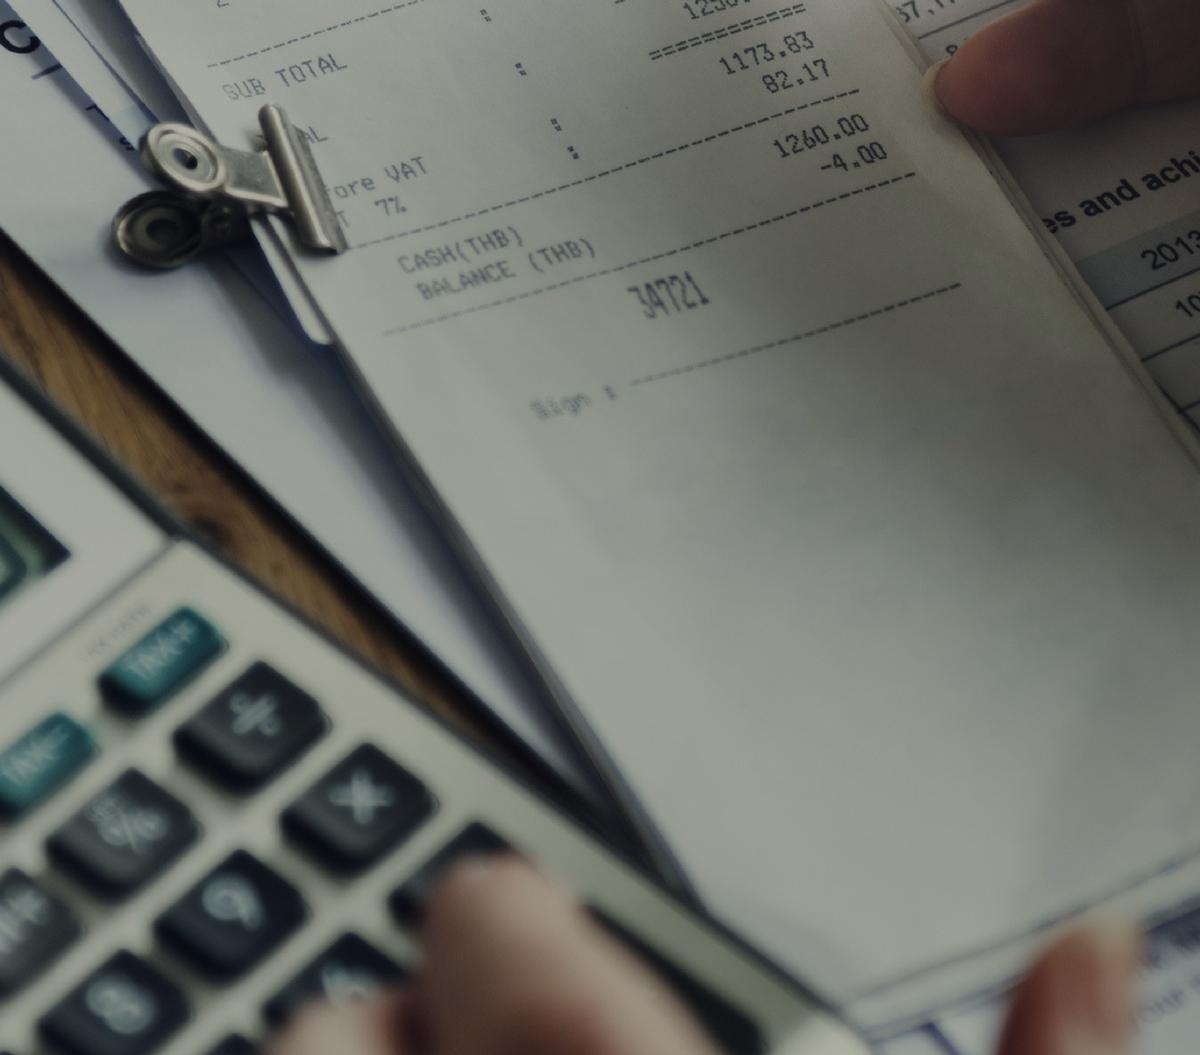 Taxa de condomínio: entenda o que deve ser cobrado e conheça os serviços que ela cobre